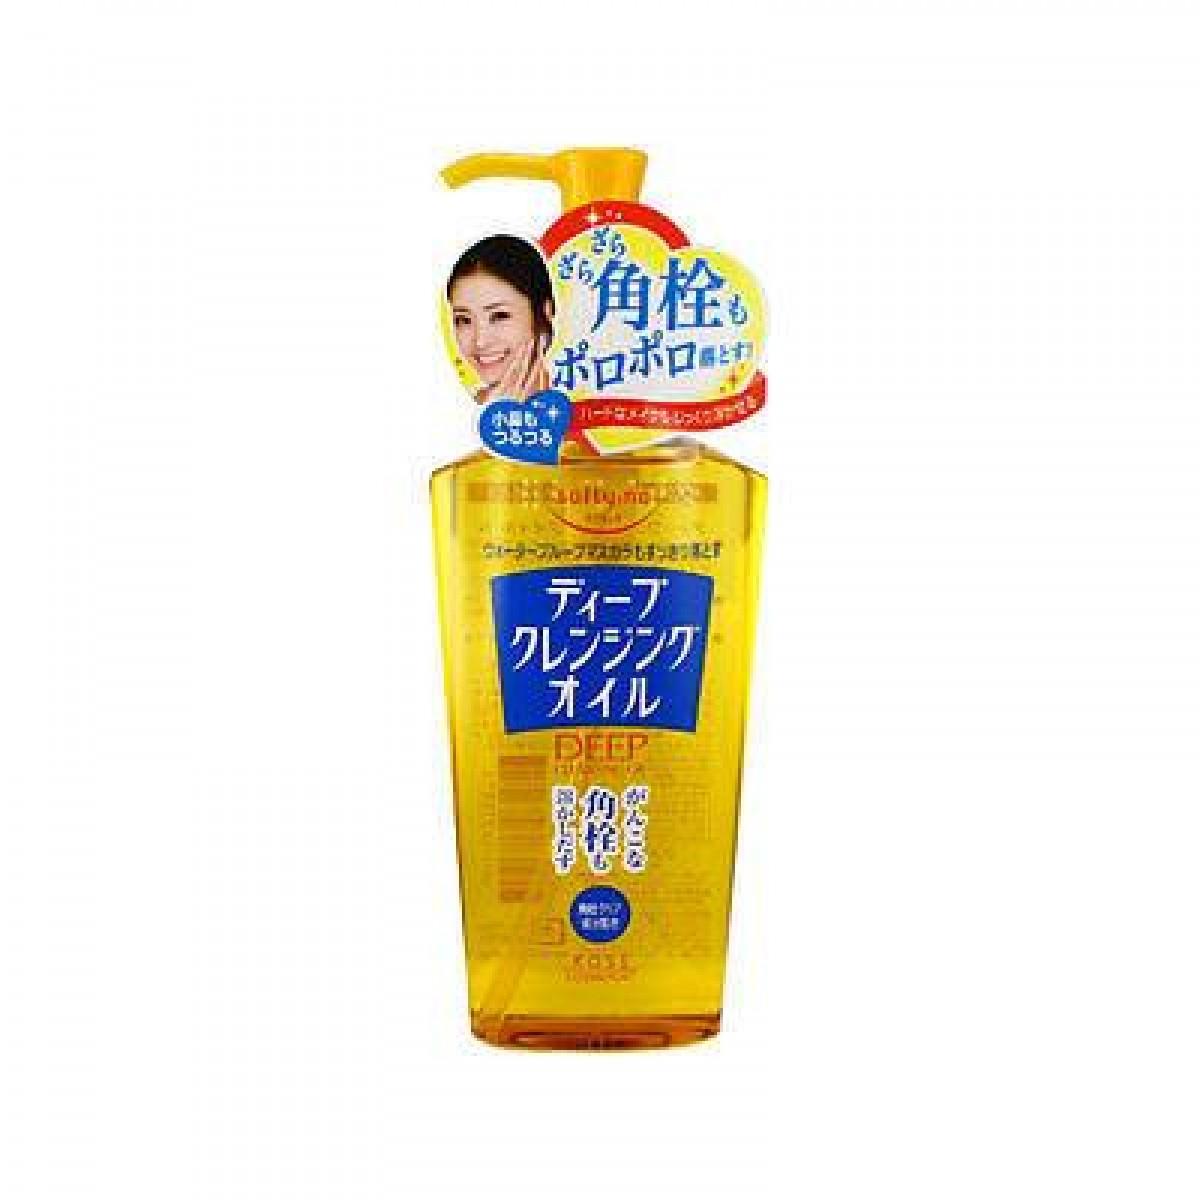 tay-trang-kose-deep-cleansing-oil-230ml-nhat-ban